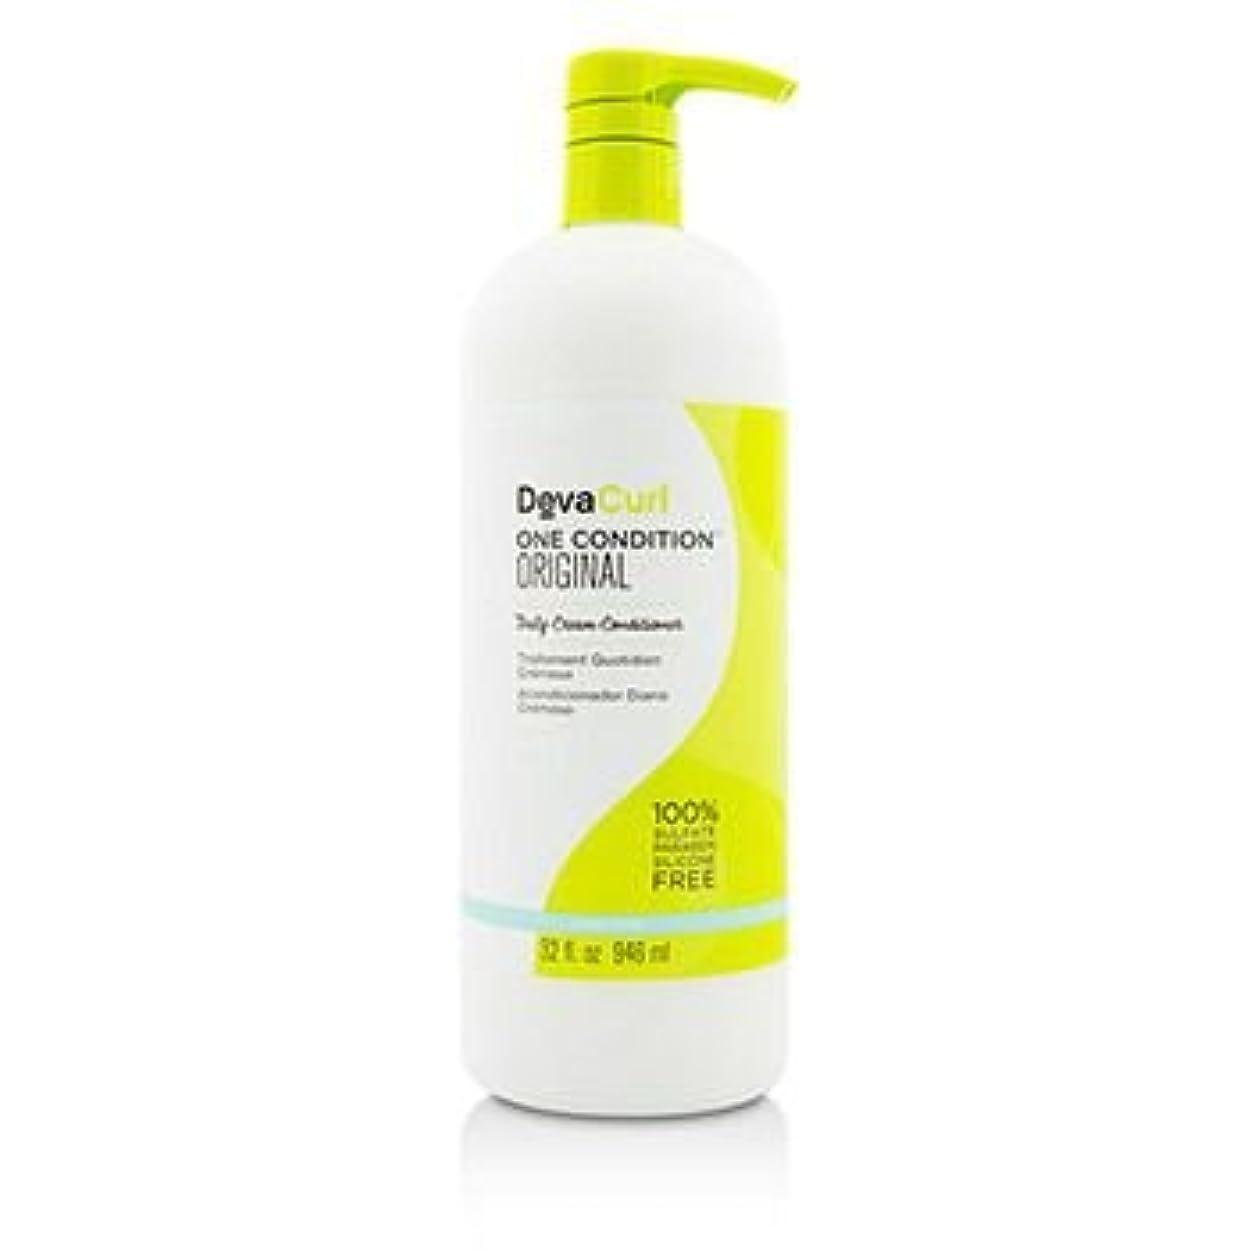 キャッシュ完了つぶやき[DevaCurl] One Condition Original (Daily Cream Conditioner - For Curly Hair) 355ml/12oz